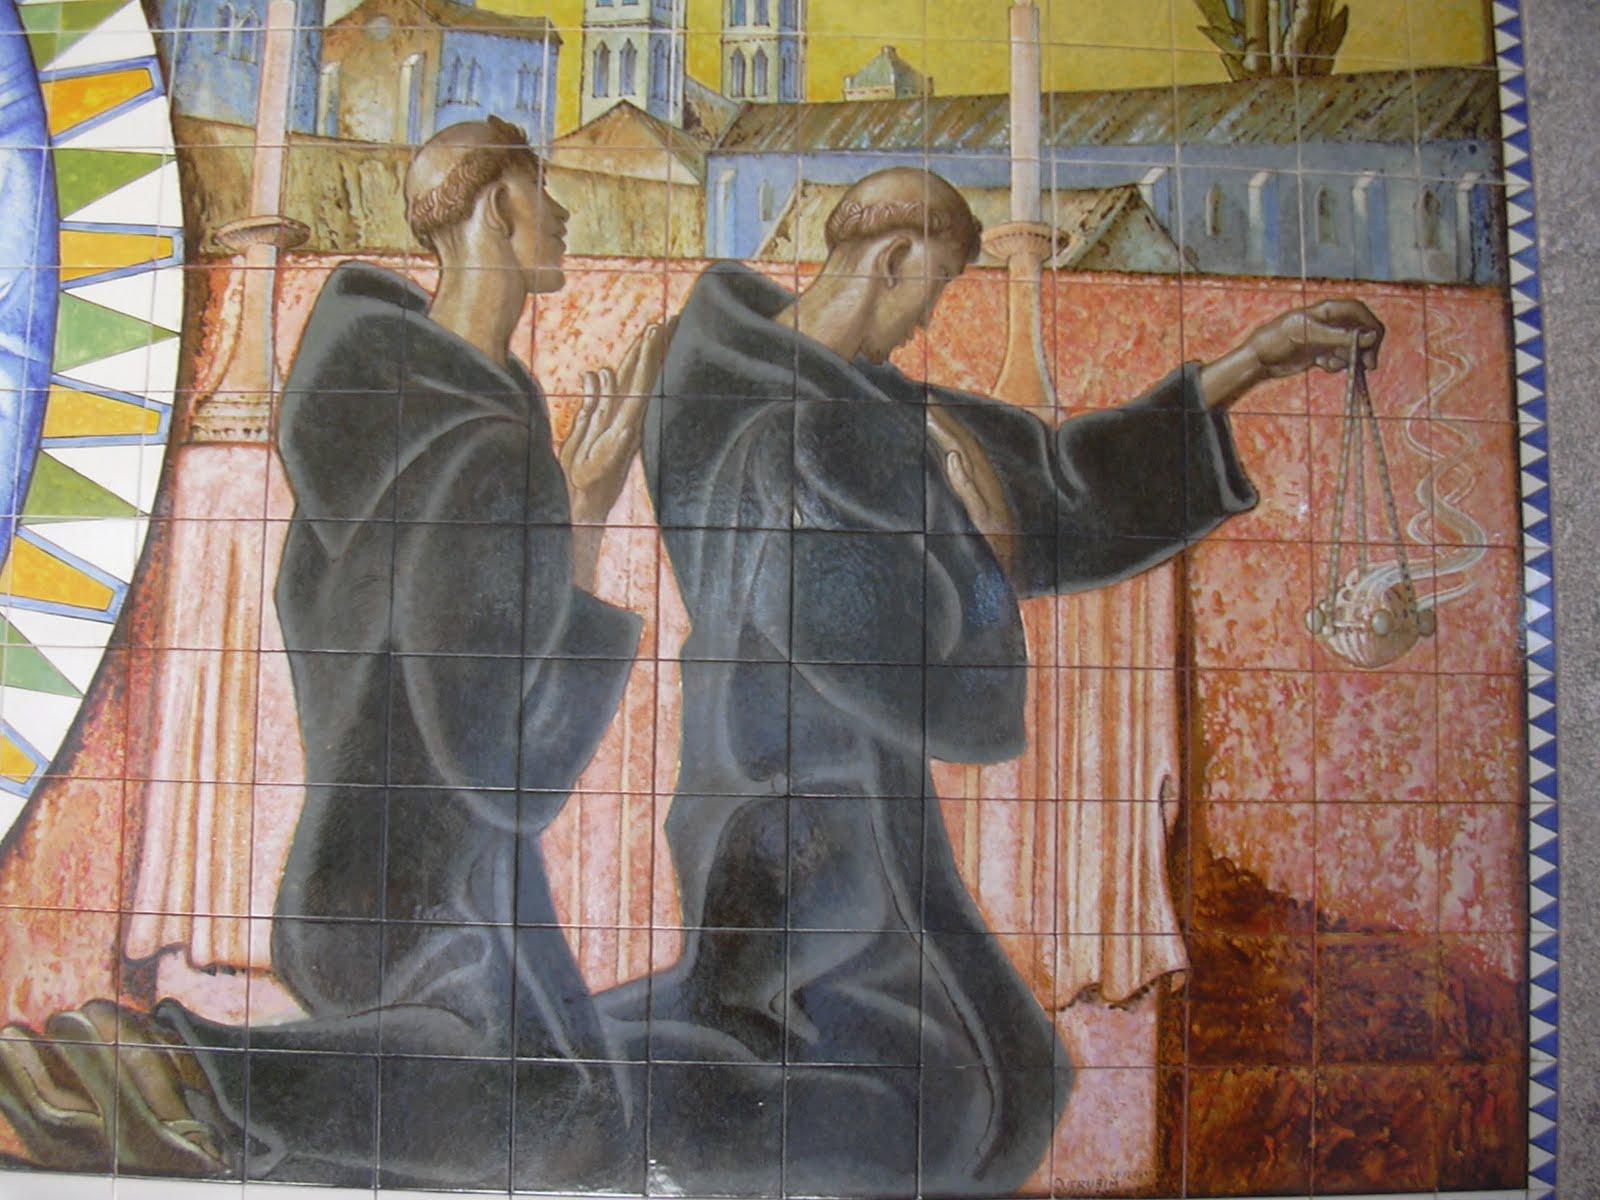 Visita portugal visita al santuario de la puerta abierta for Puerta 19 benito villamarin